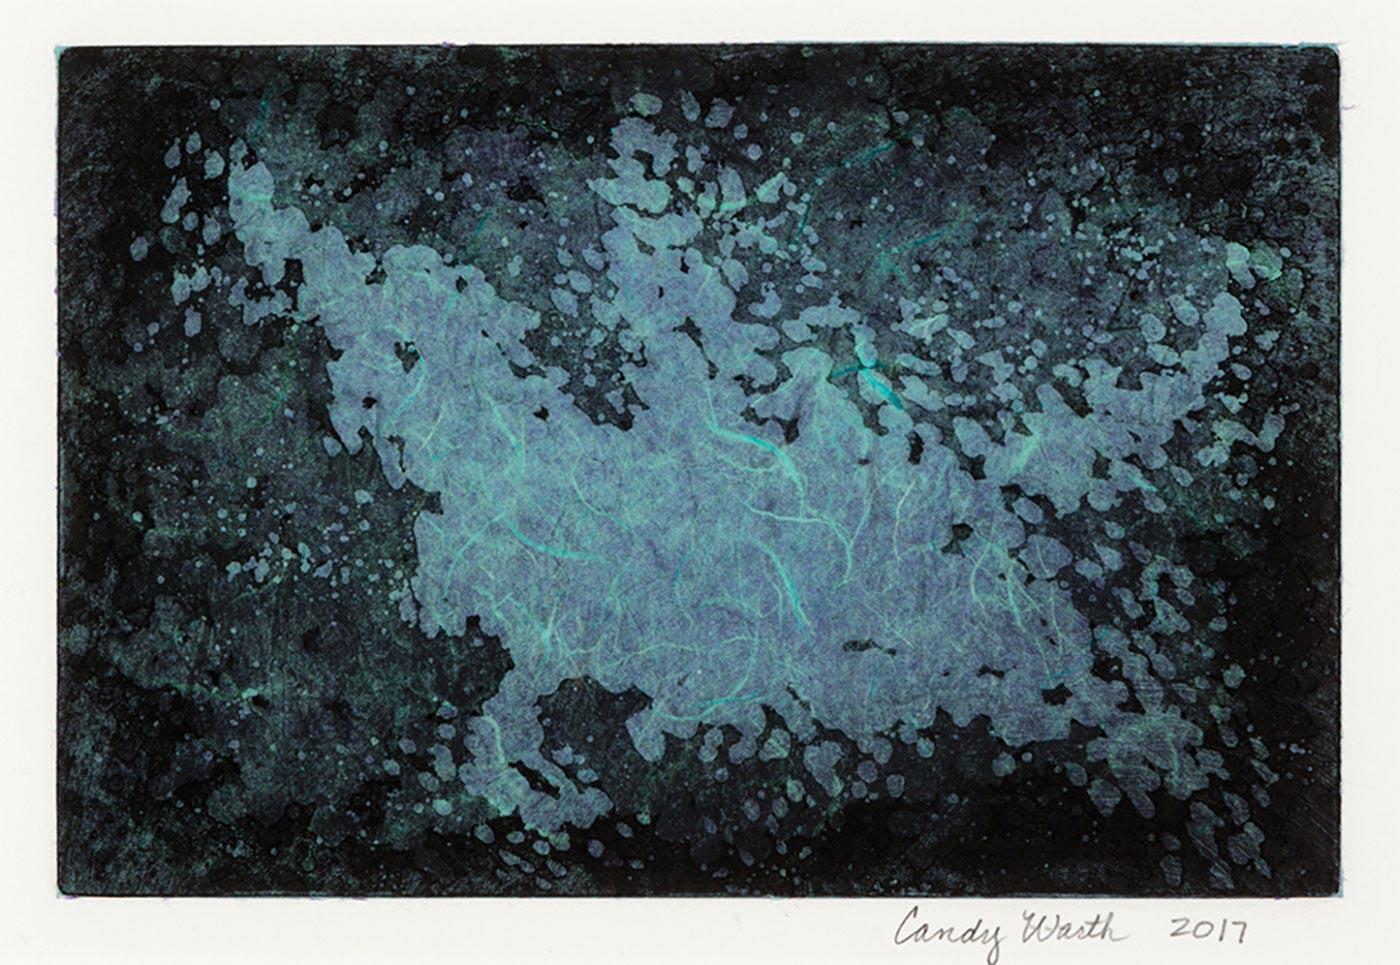 Candy R. Warth - Blue Nebula